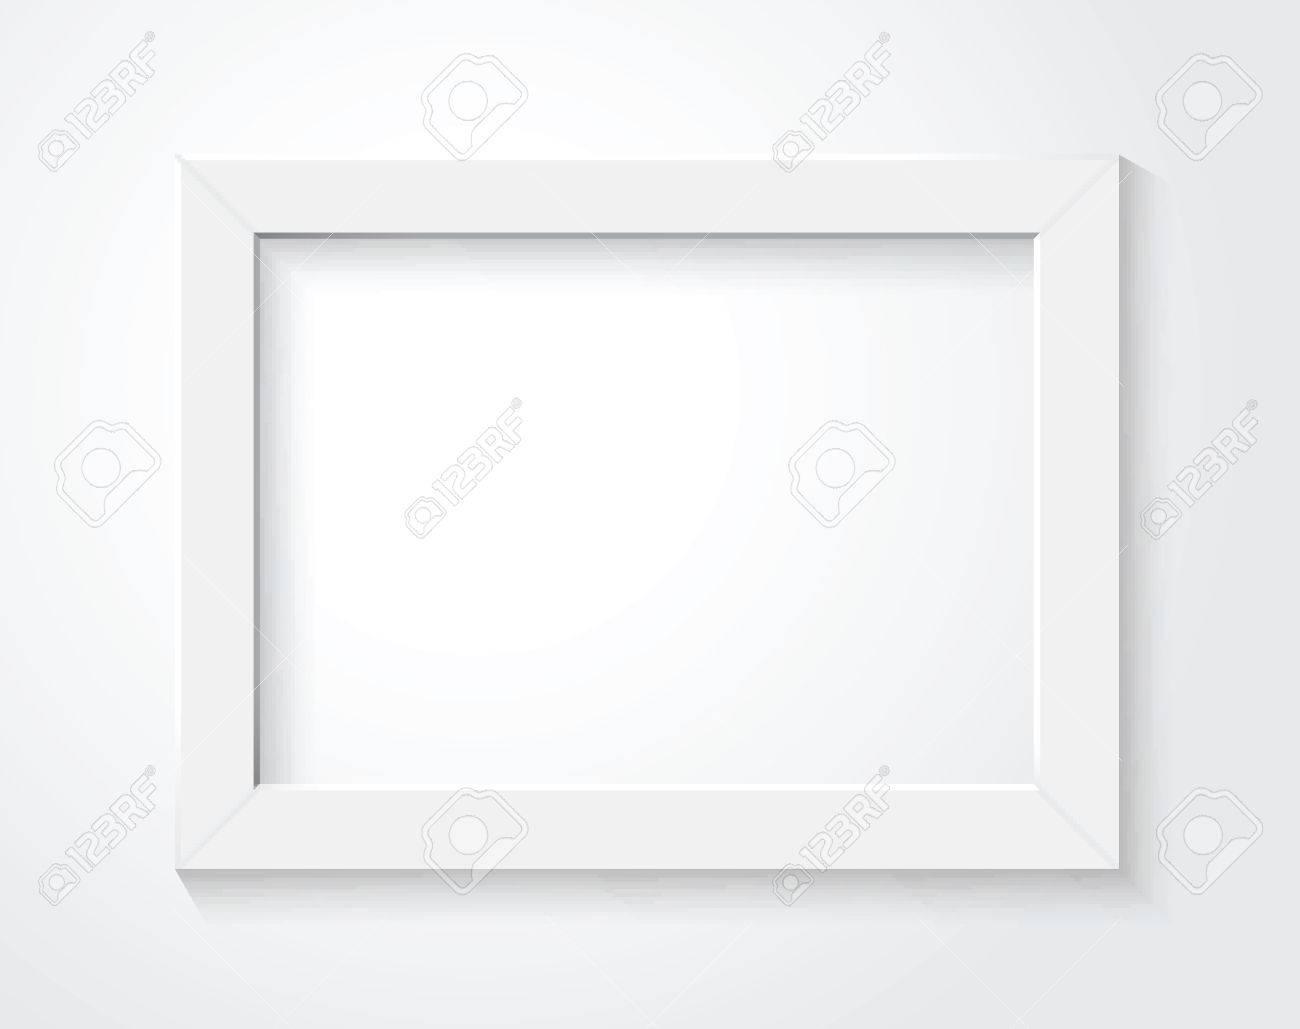 white frame - 36906786